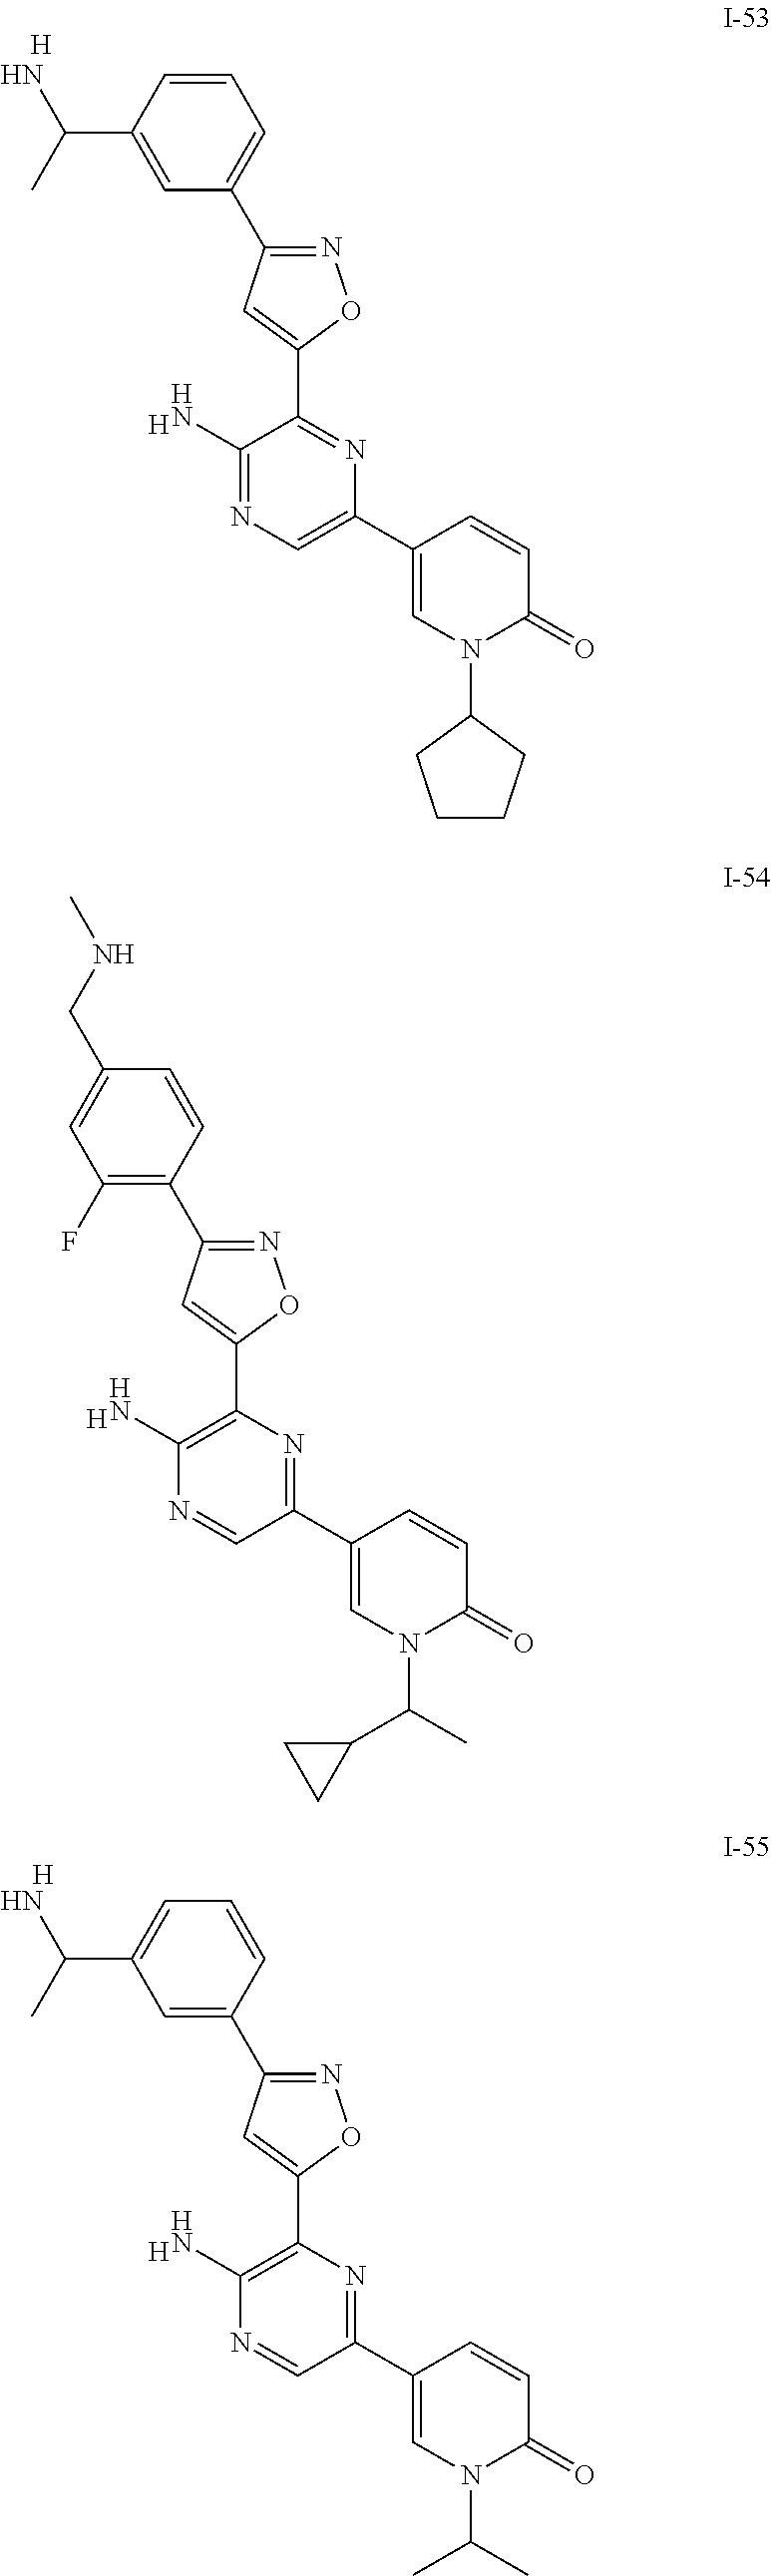 Figure US09630956-20170425-C00235